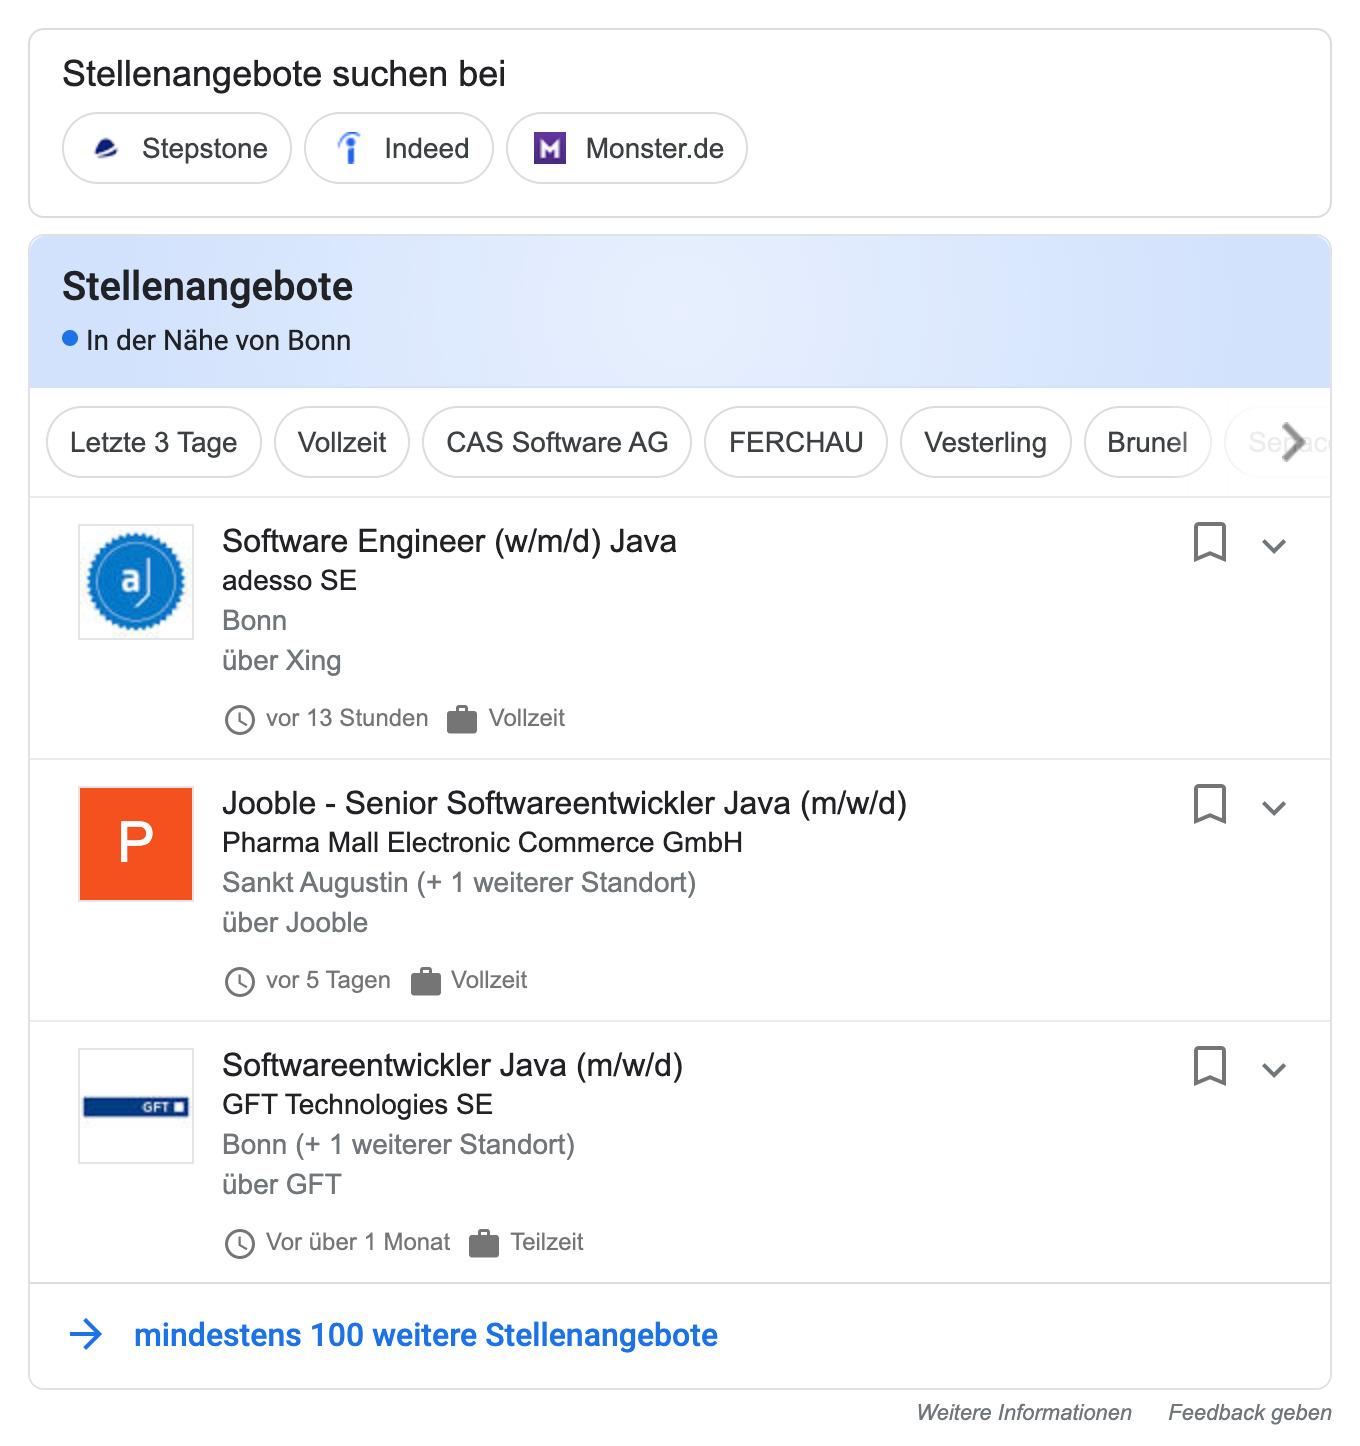 Job-Posting-Beispiel auf einer Suchergebnisseite von Google.